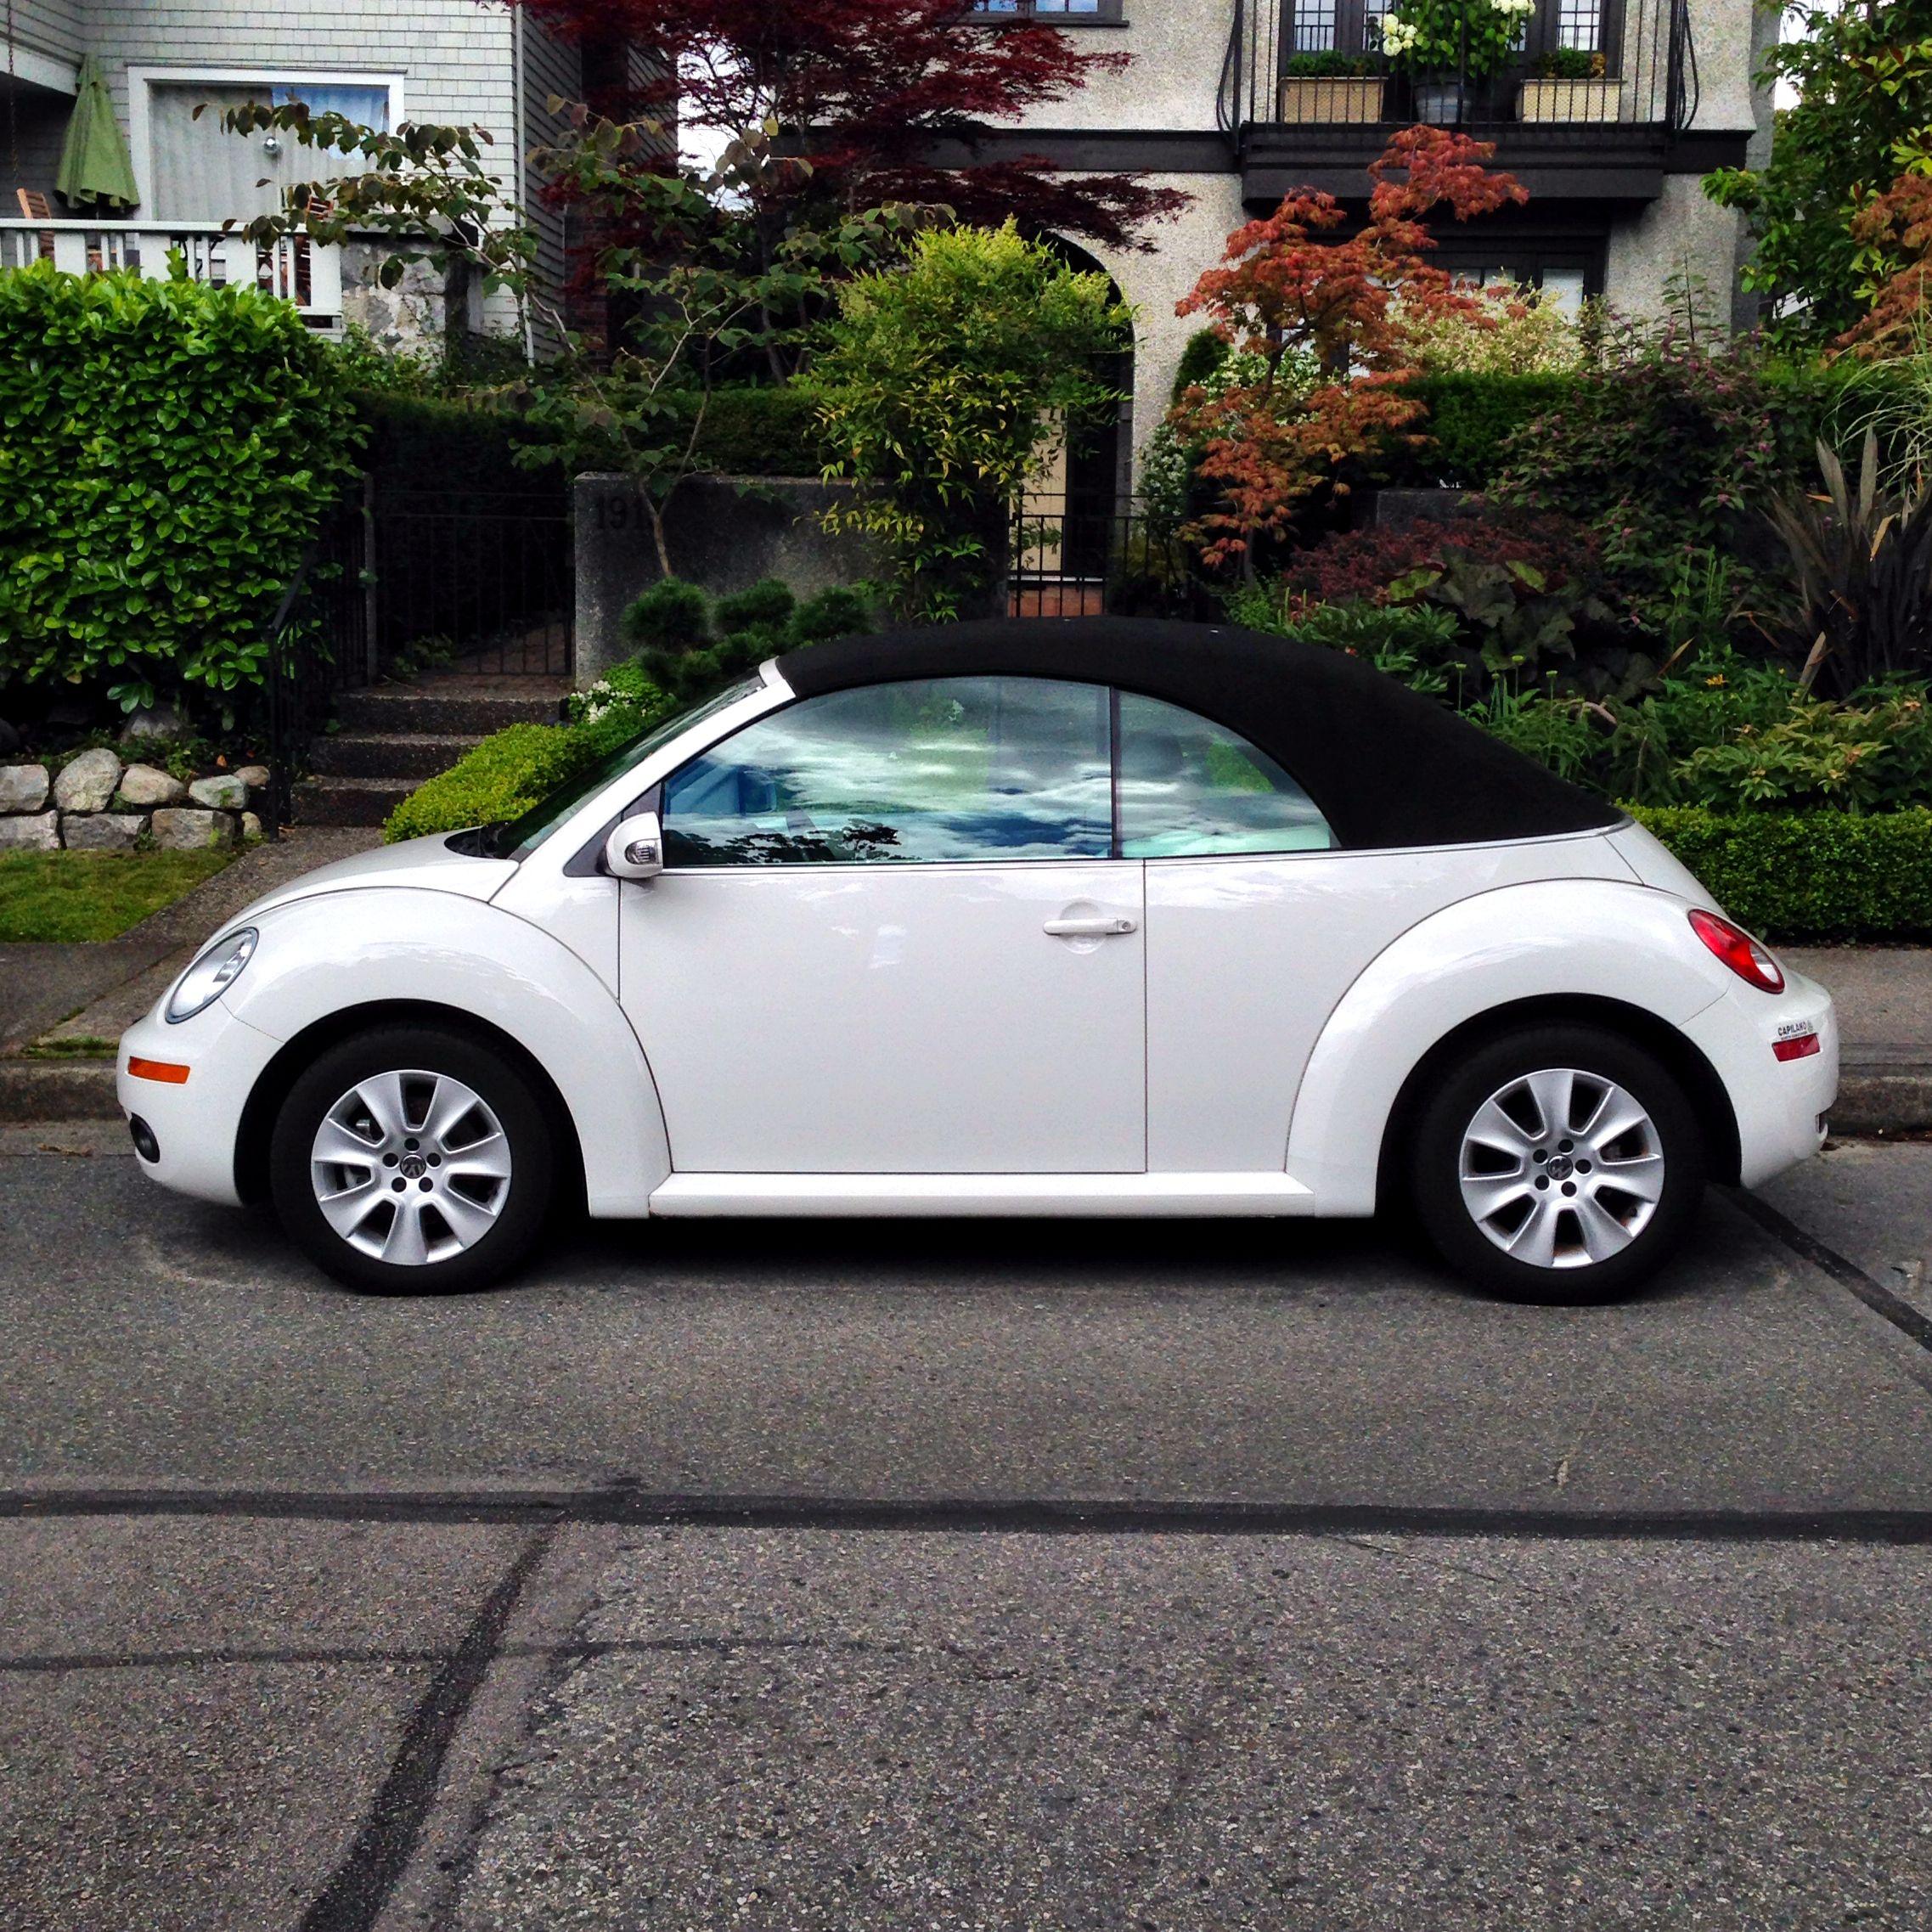 car for volkswagen sale cabriolet beetle sola ltd pink sales globe usedcfs